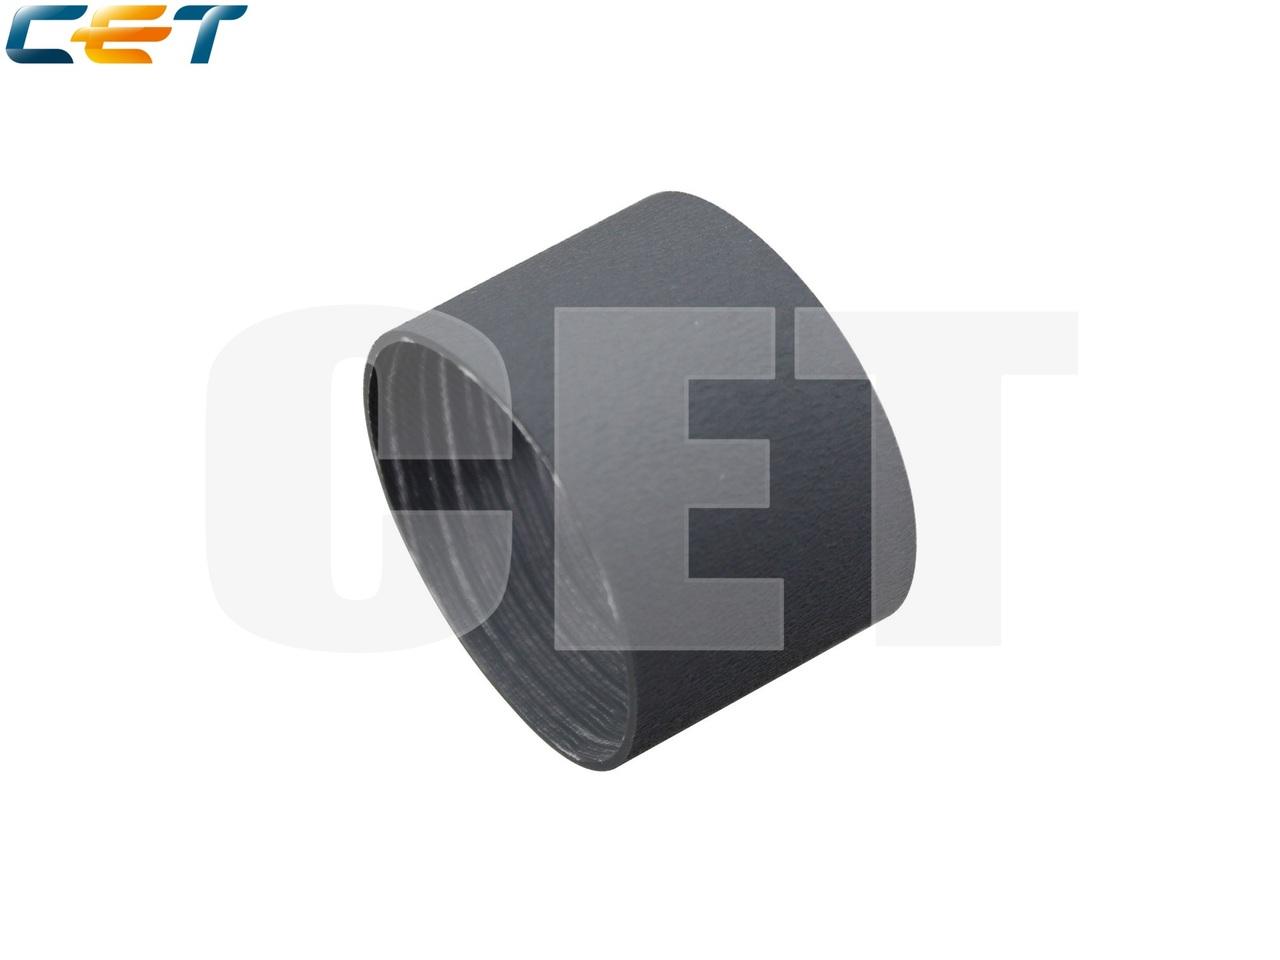 Ремень подачи ADF 40X7749 для LEXMARKMX710/MX711/MX810/MX811/MX812 (CET), CET2835